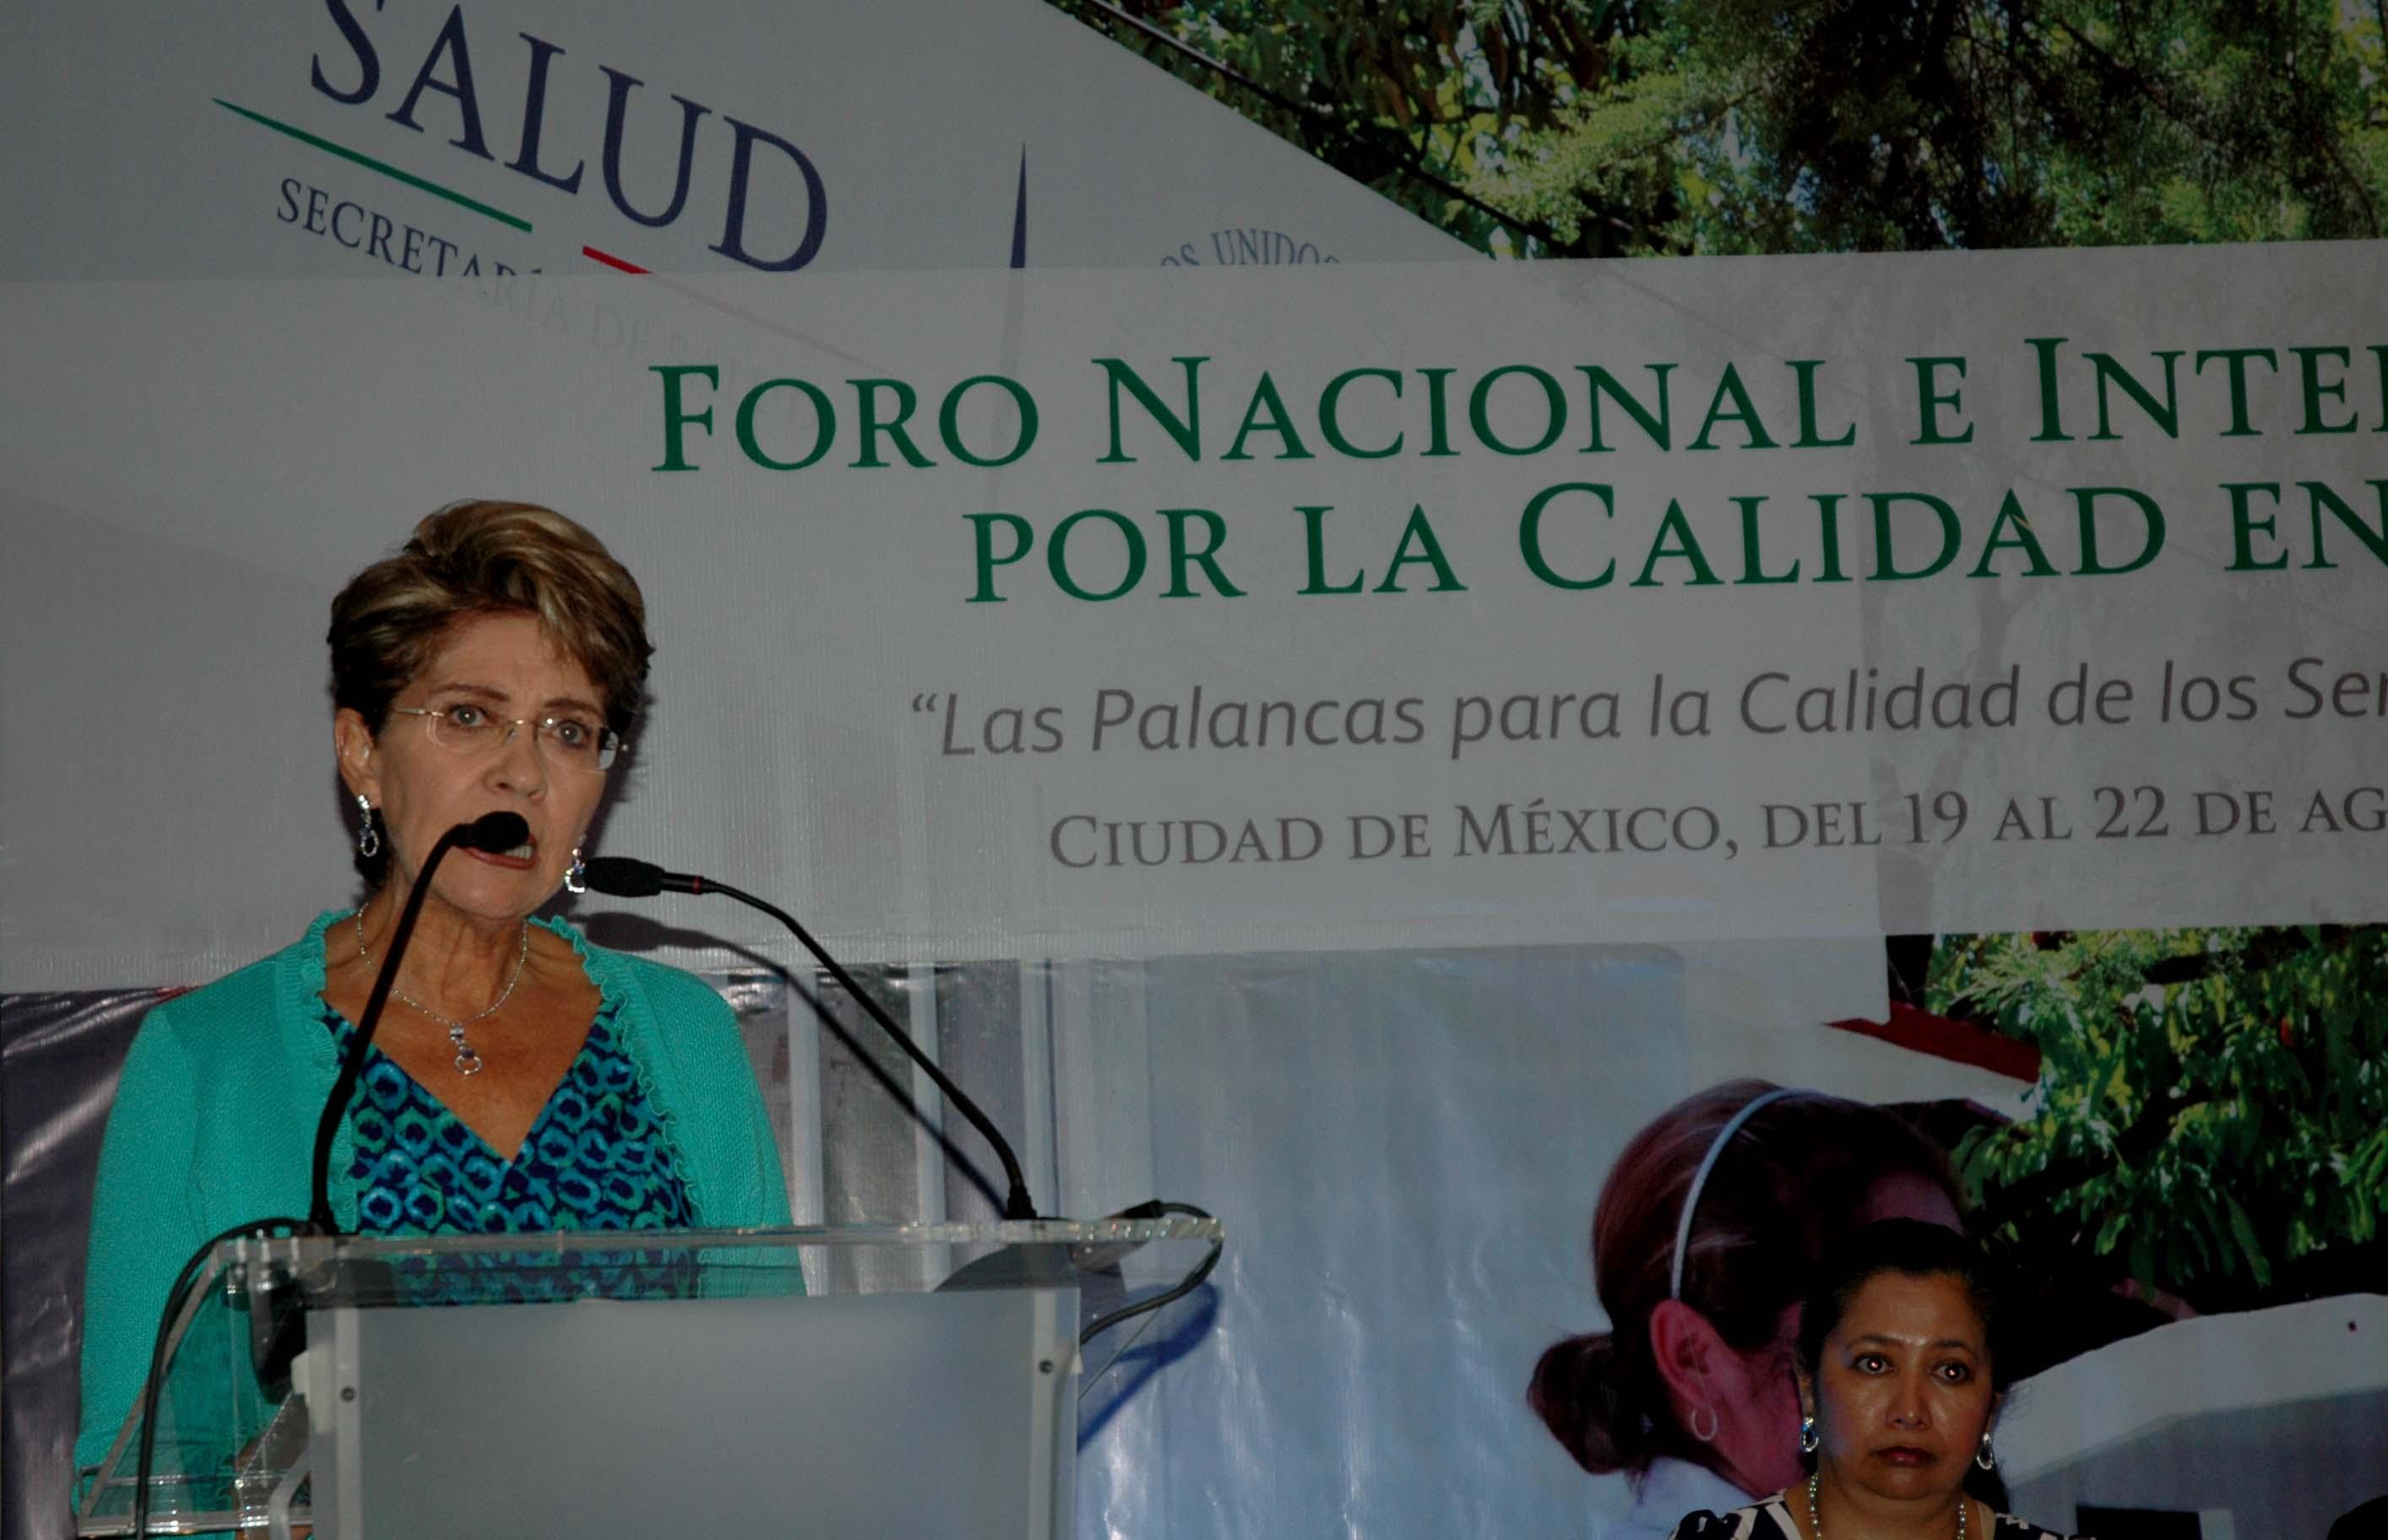 Inaugura Mercedes Juan Foro Internacional por la Calidad en Salud